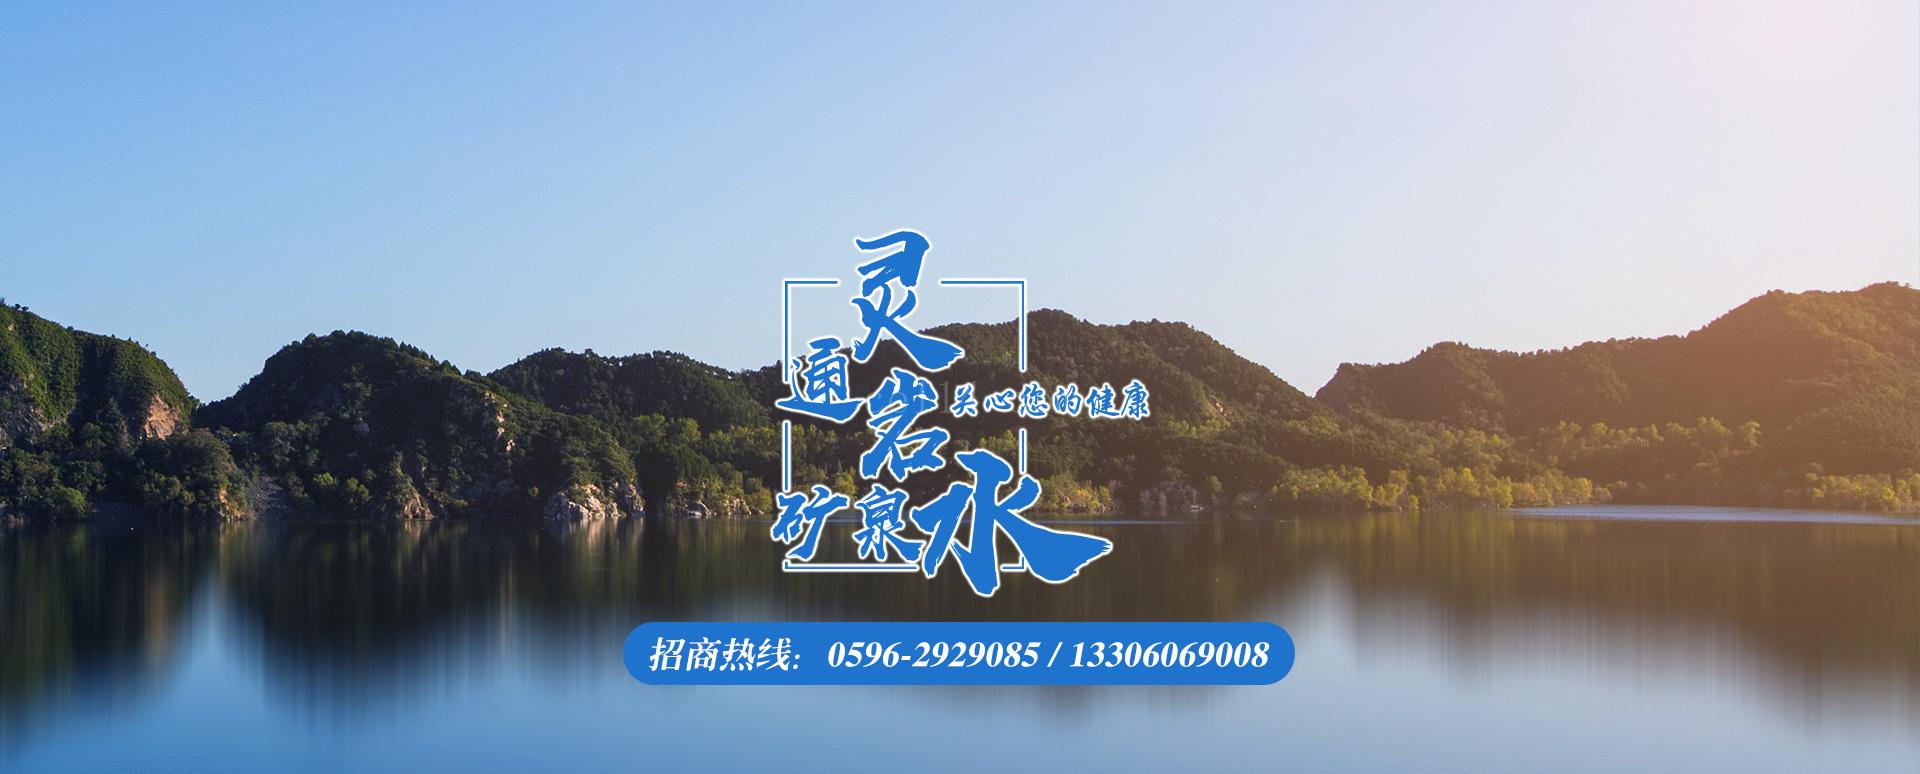 公司简介-漳州市一点通矿泉水有限公司